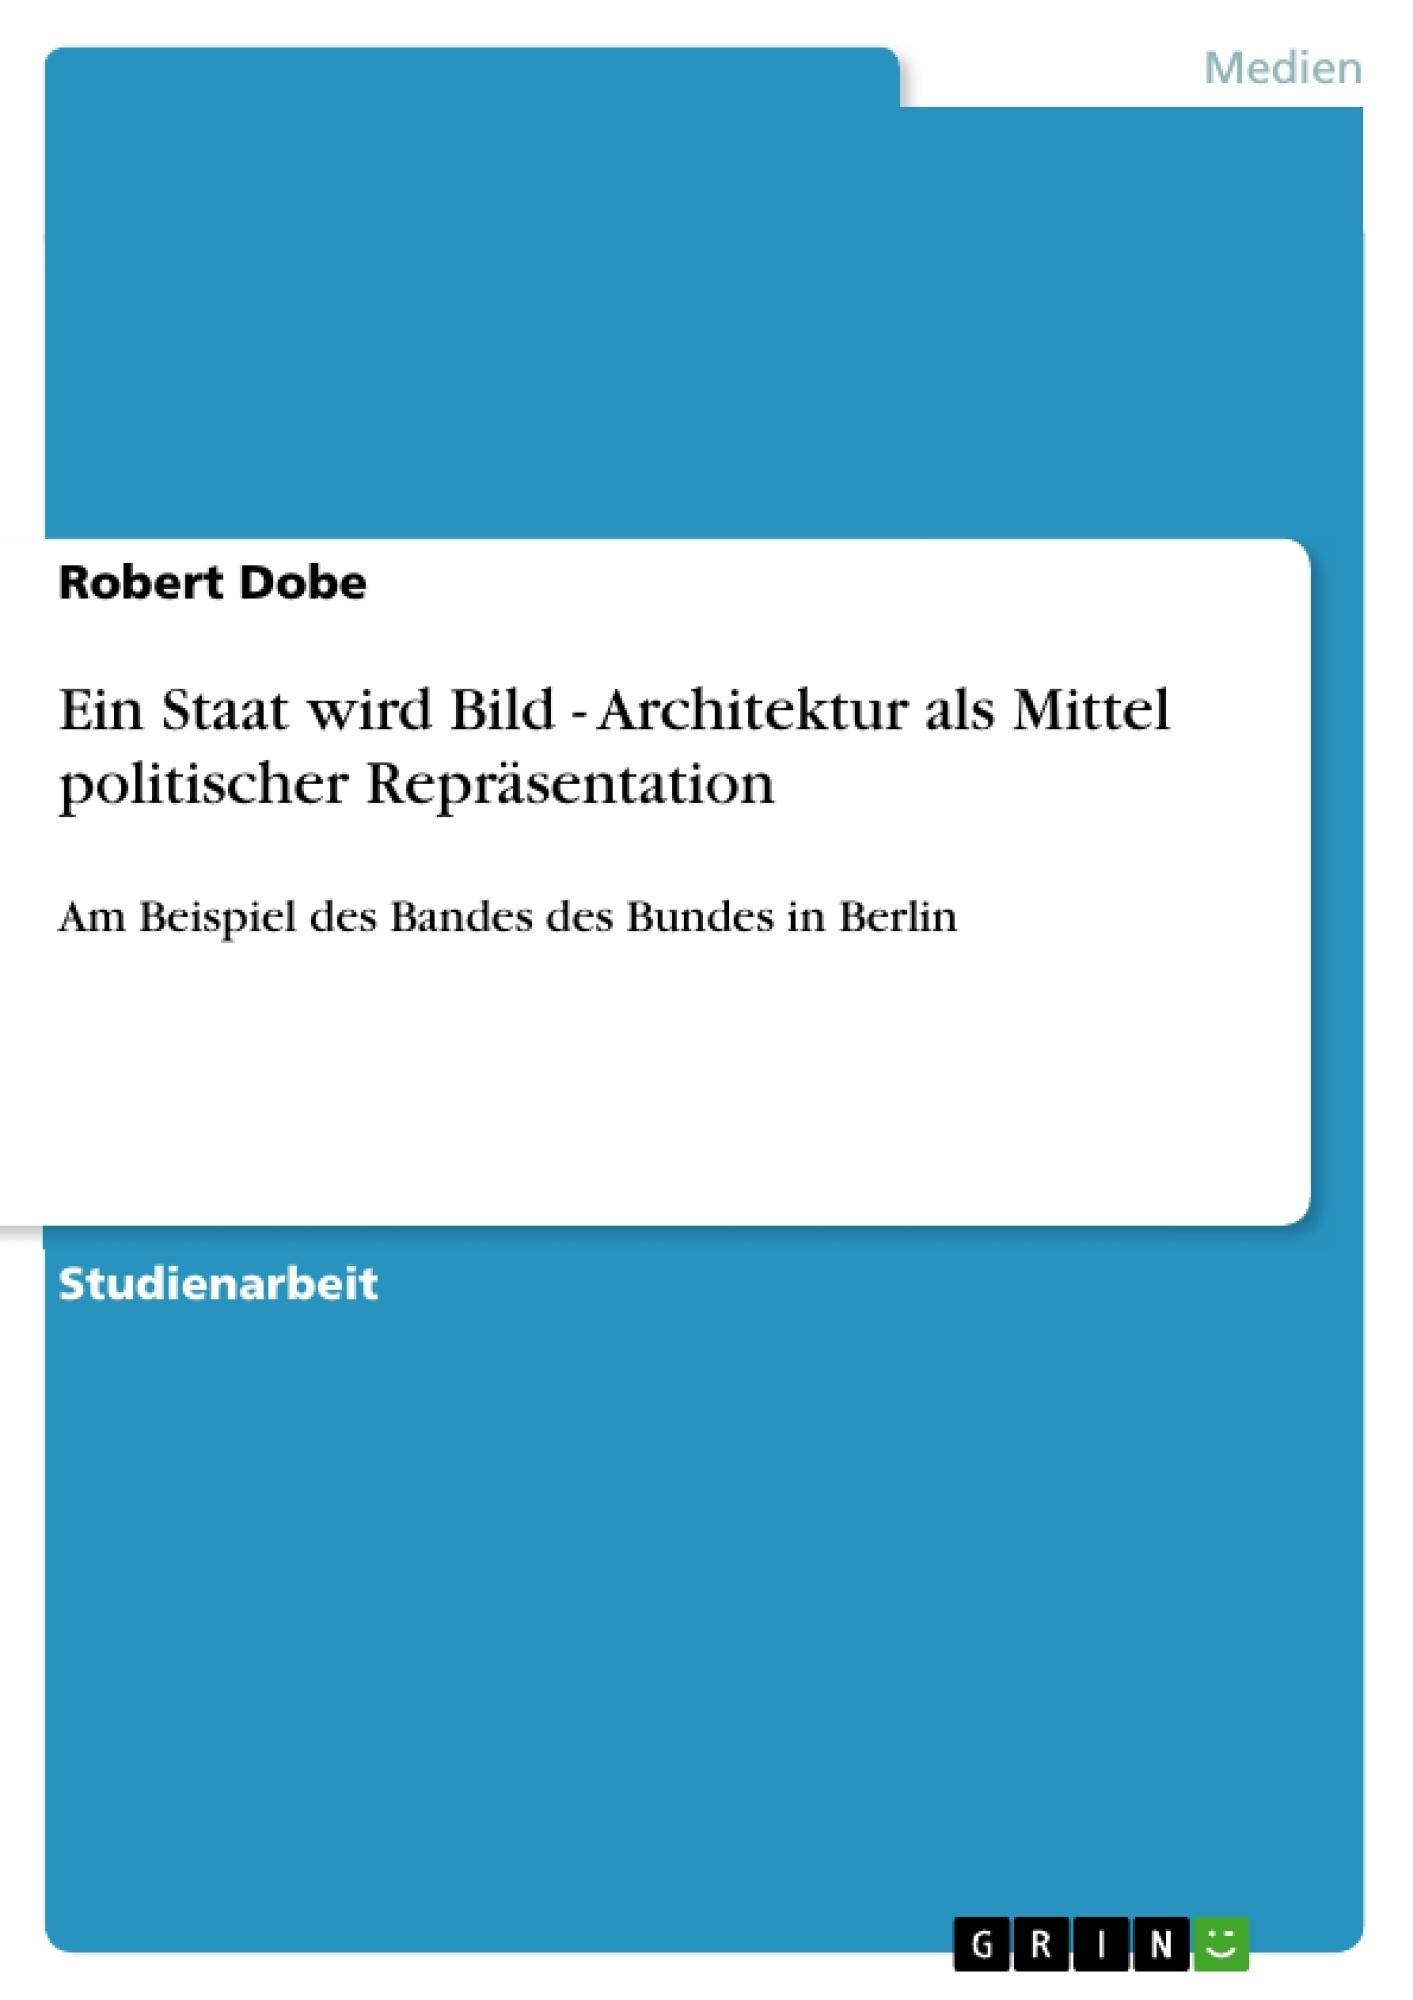 Titel: Ein Staat wird Bild - Architektur als Mittel politischer Repräsentation